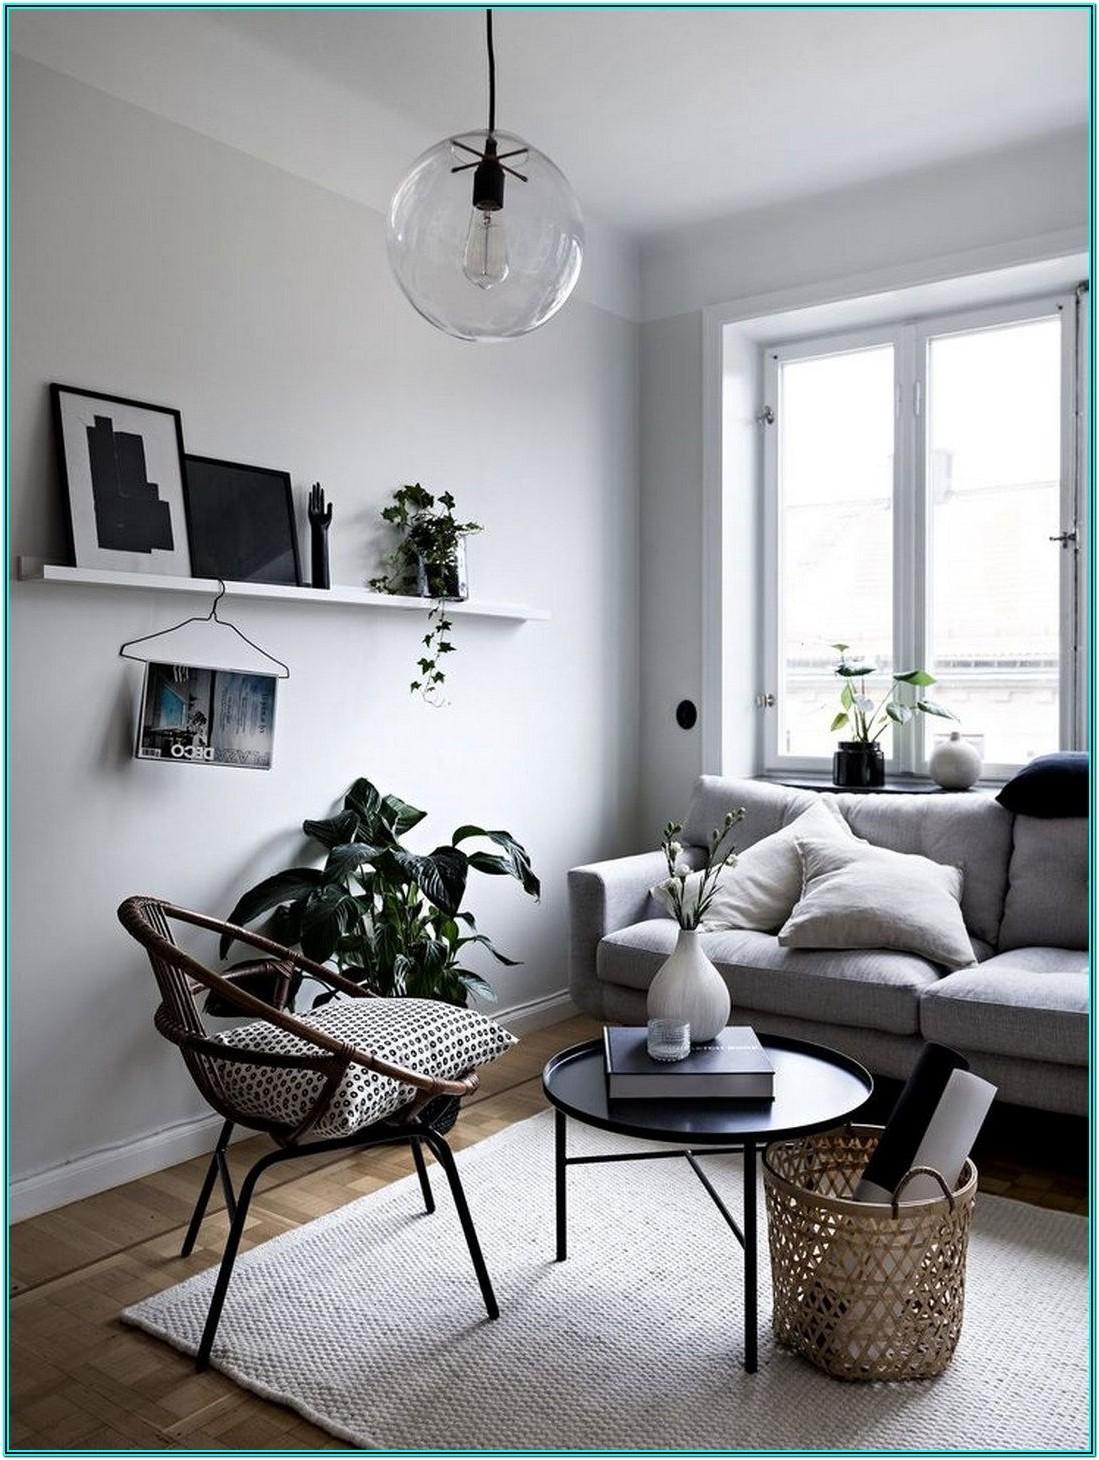 Bedroom Small Simple Living Room Ideas